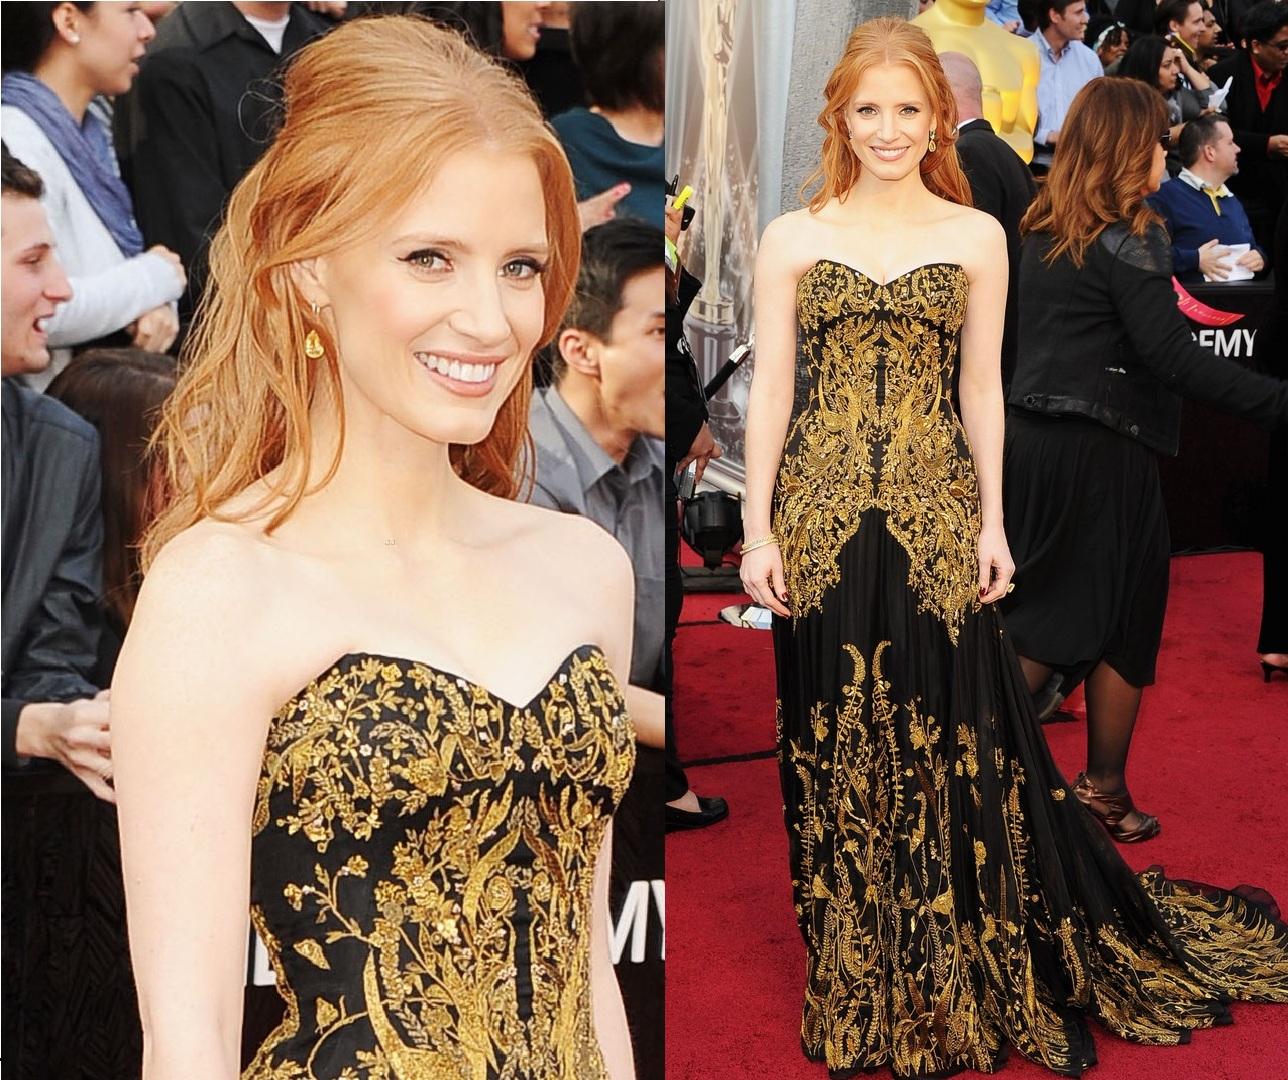 http://1.bp.blogspot.com/-_3MeiHe42pM/T0y9GkmYfVI/AAAAAAAAFMM/EA0yOL5qU4o/s1600/Jessica+Chastain+in+Alexander+McQueen+-+2012+Oscars.jpg